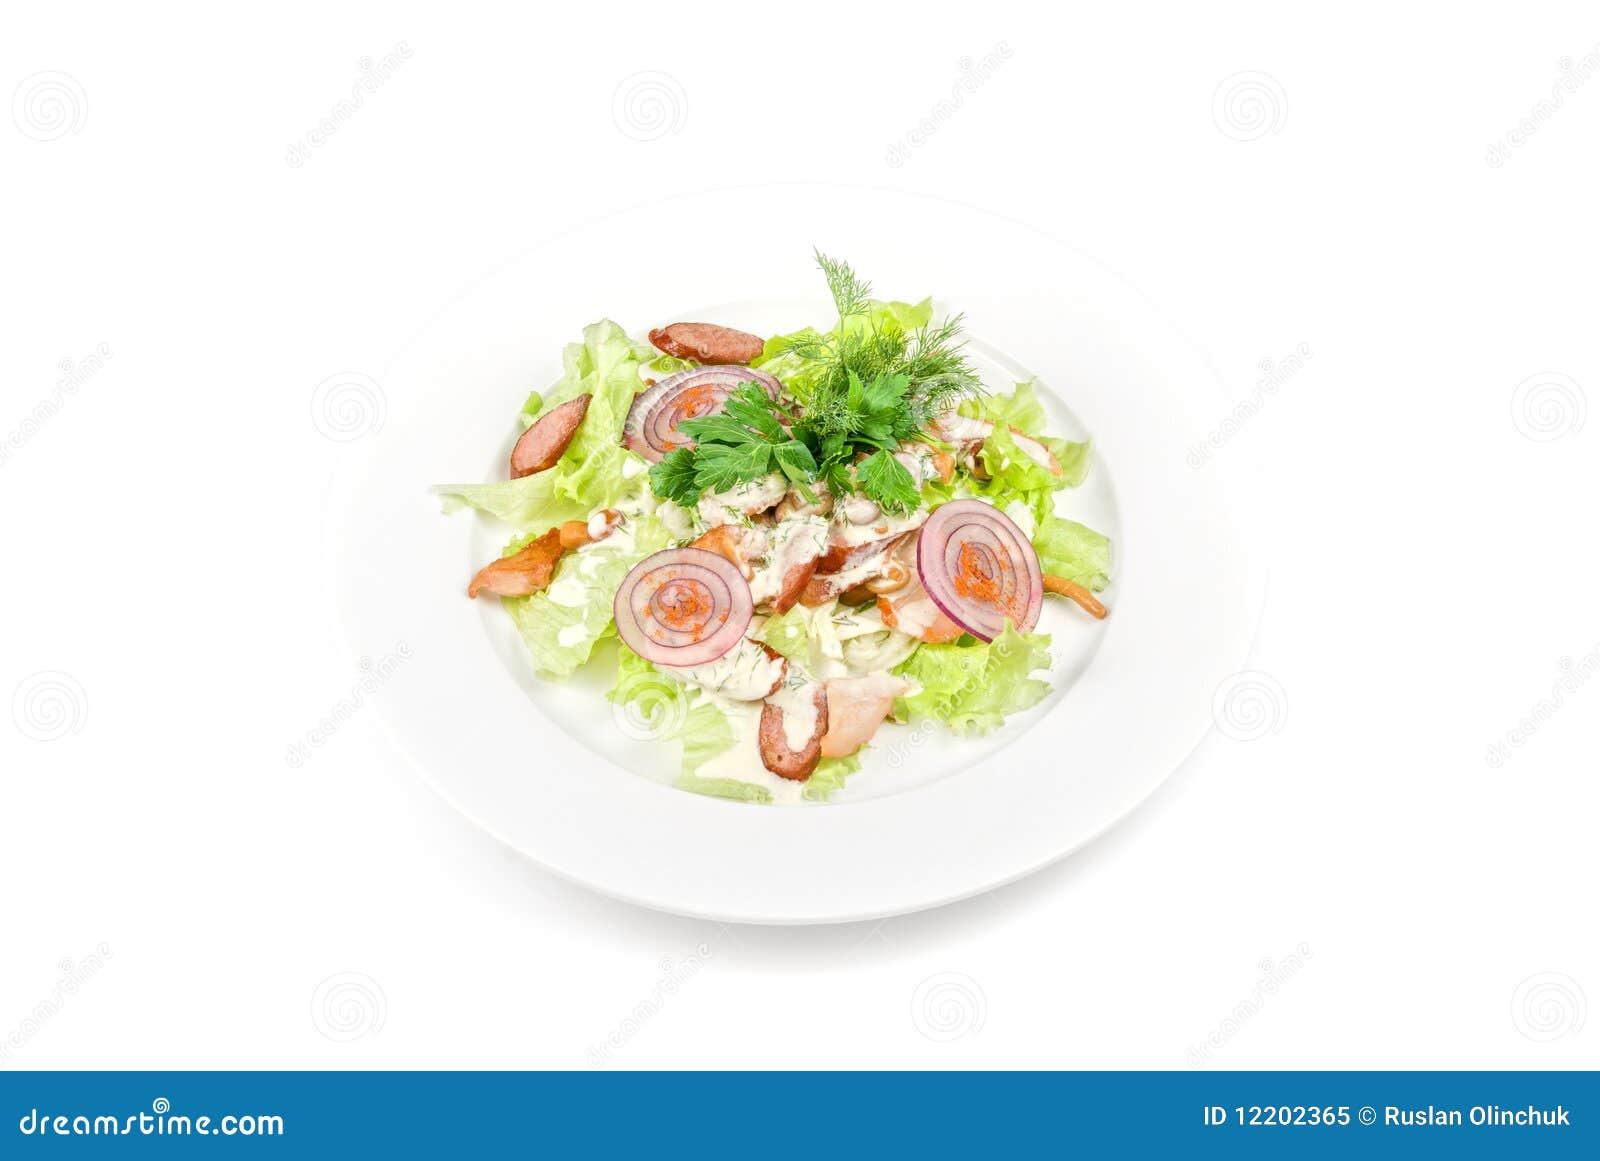 Geschmackvoller Salat